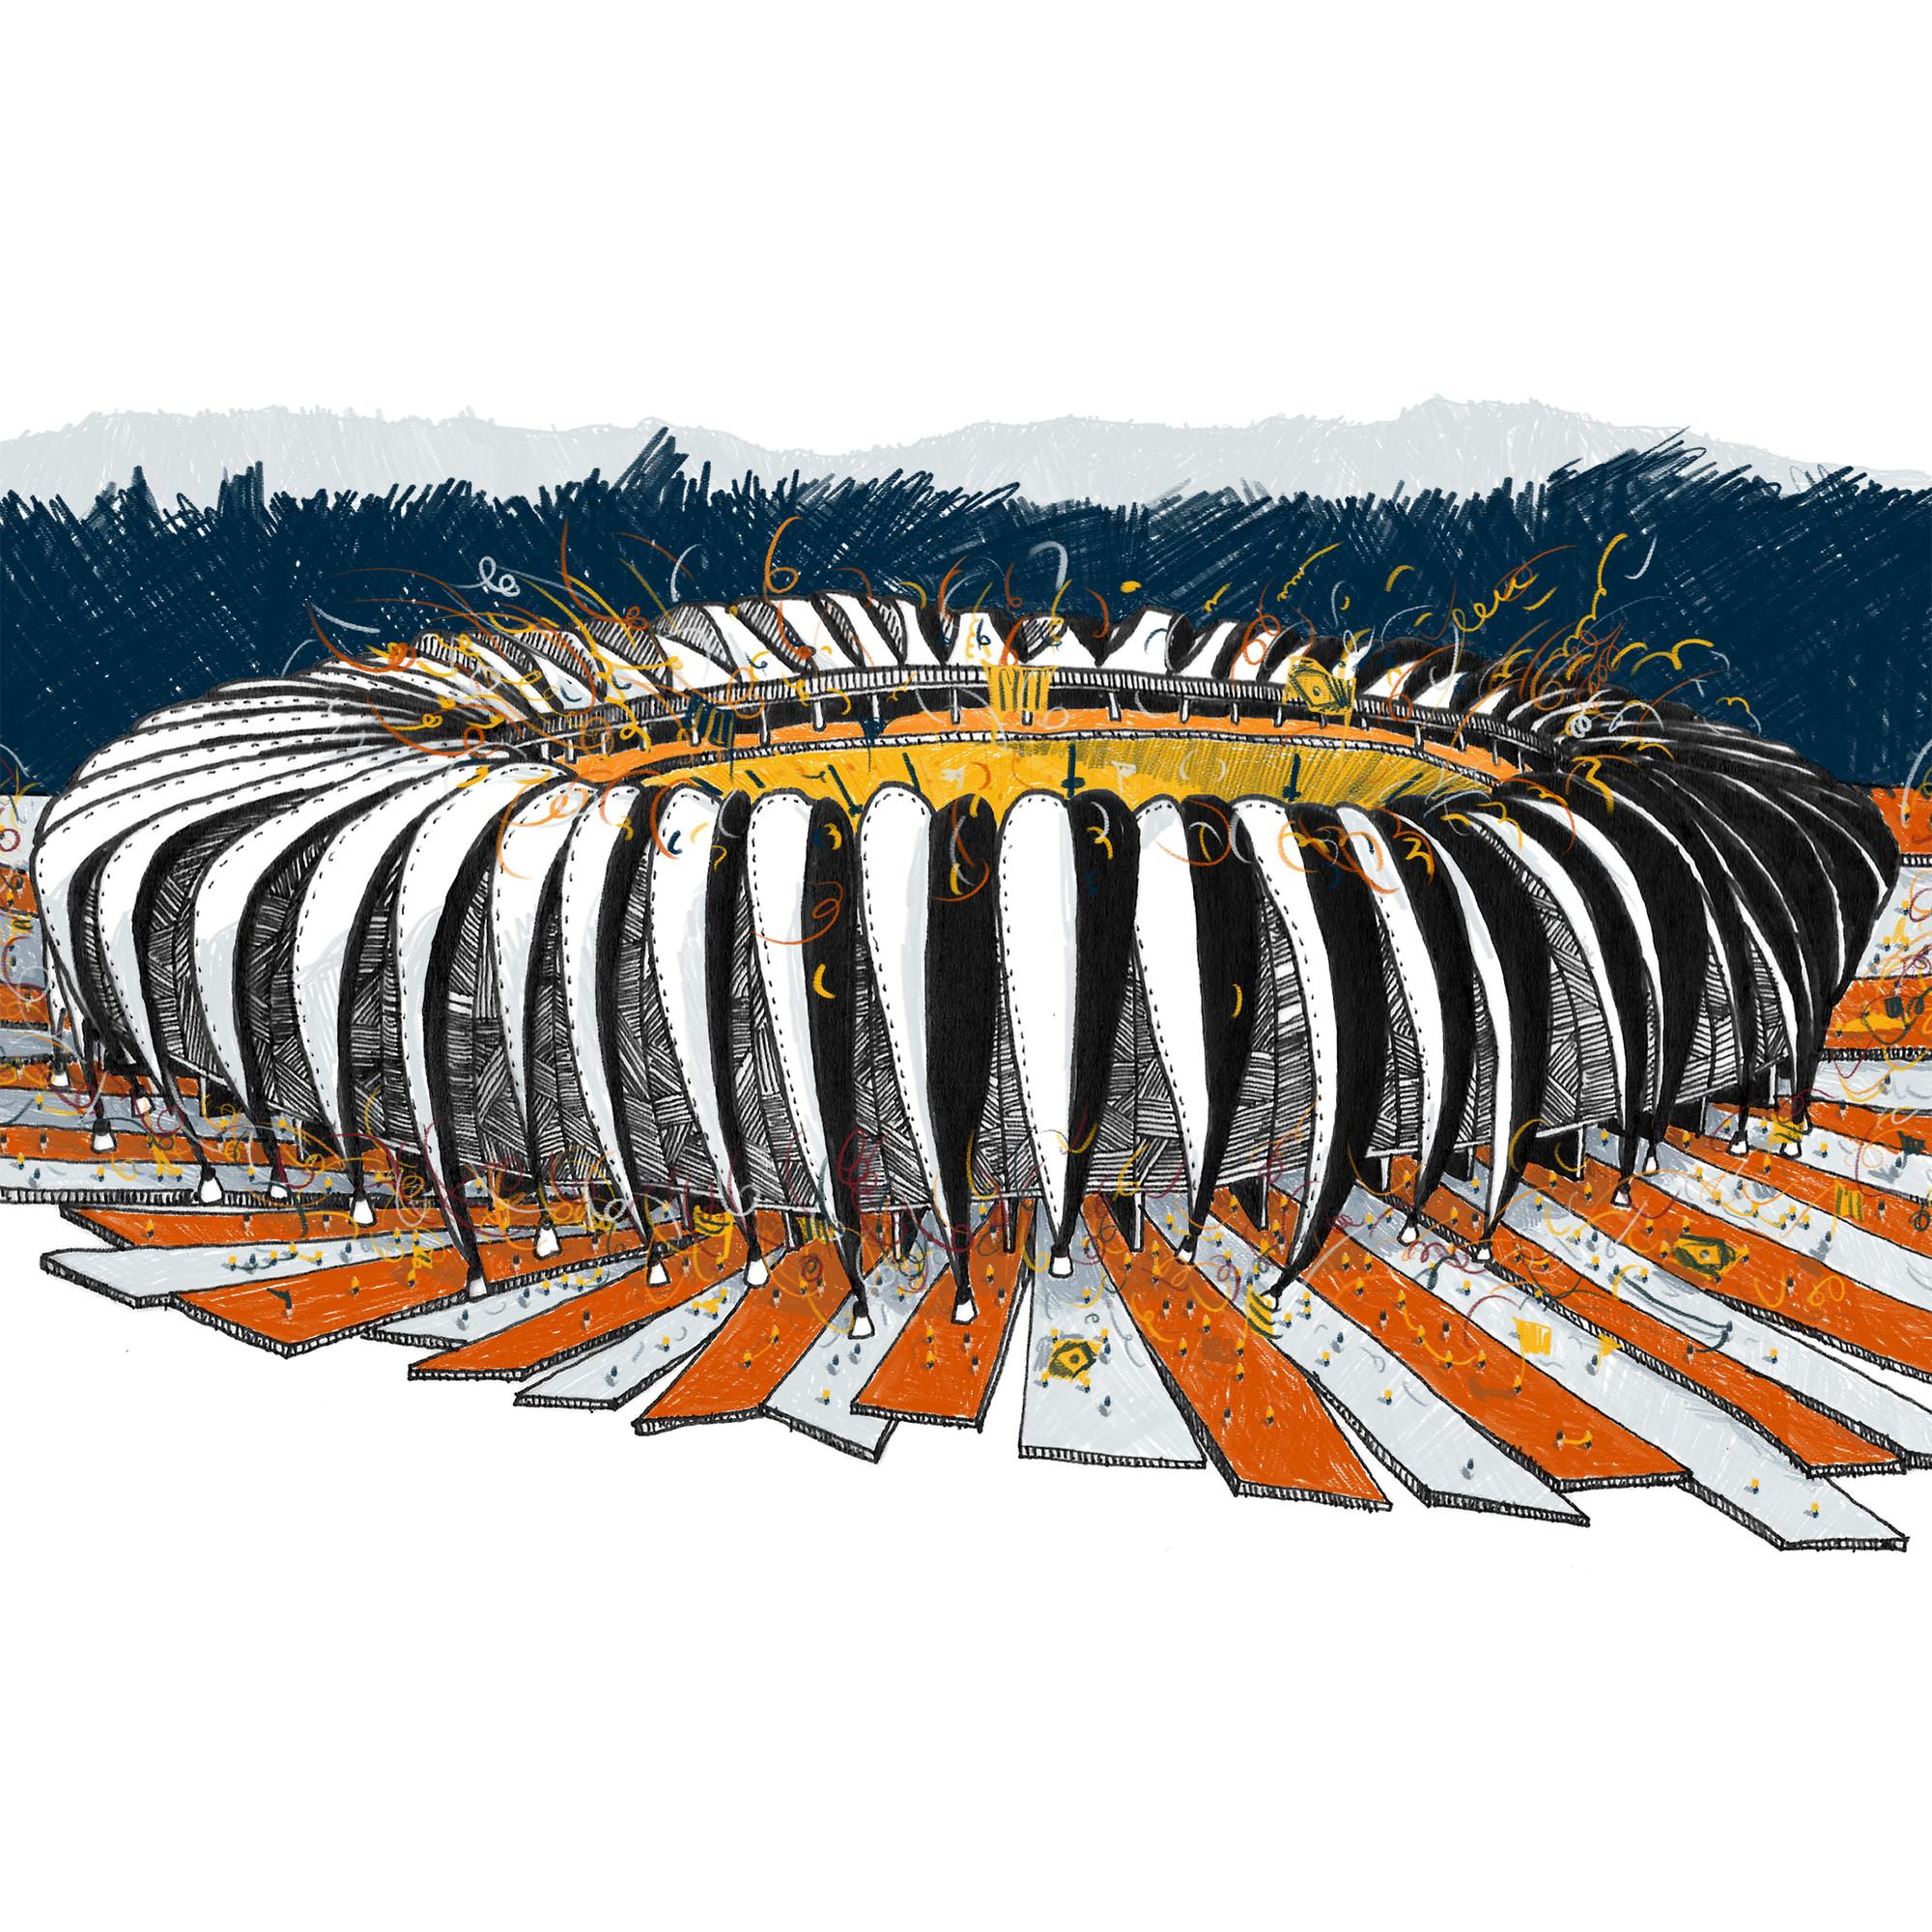 Arte y Arquitectura: Estadio de la Copa Mundial ilustrados por Vapor 324, Estadio Beira Rio - Porto Alegre. Imagen Cortesía de Vapor 324